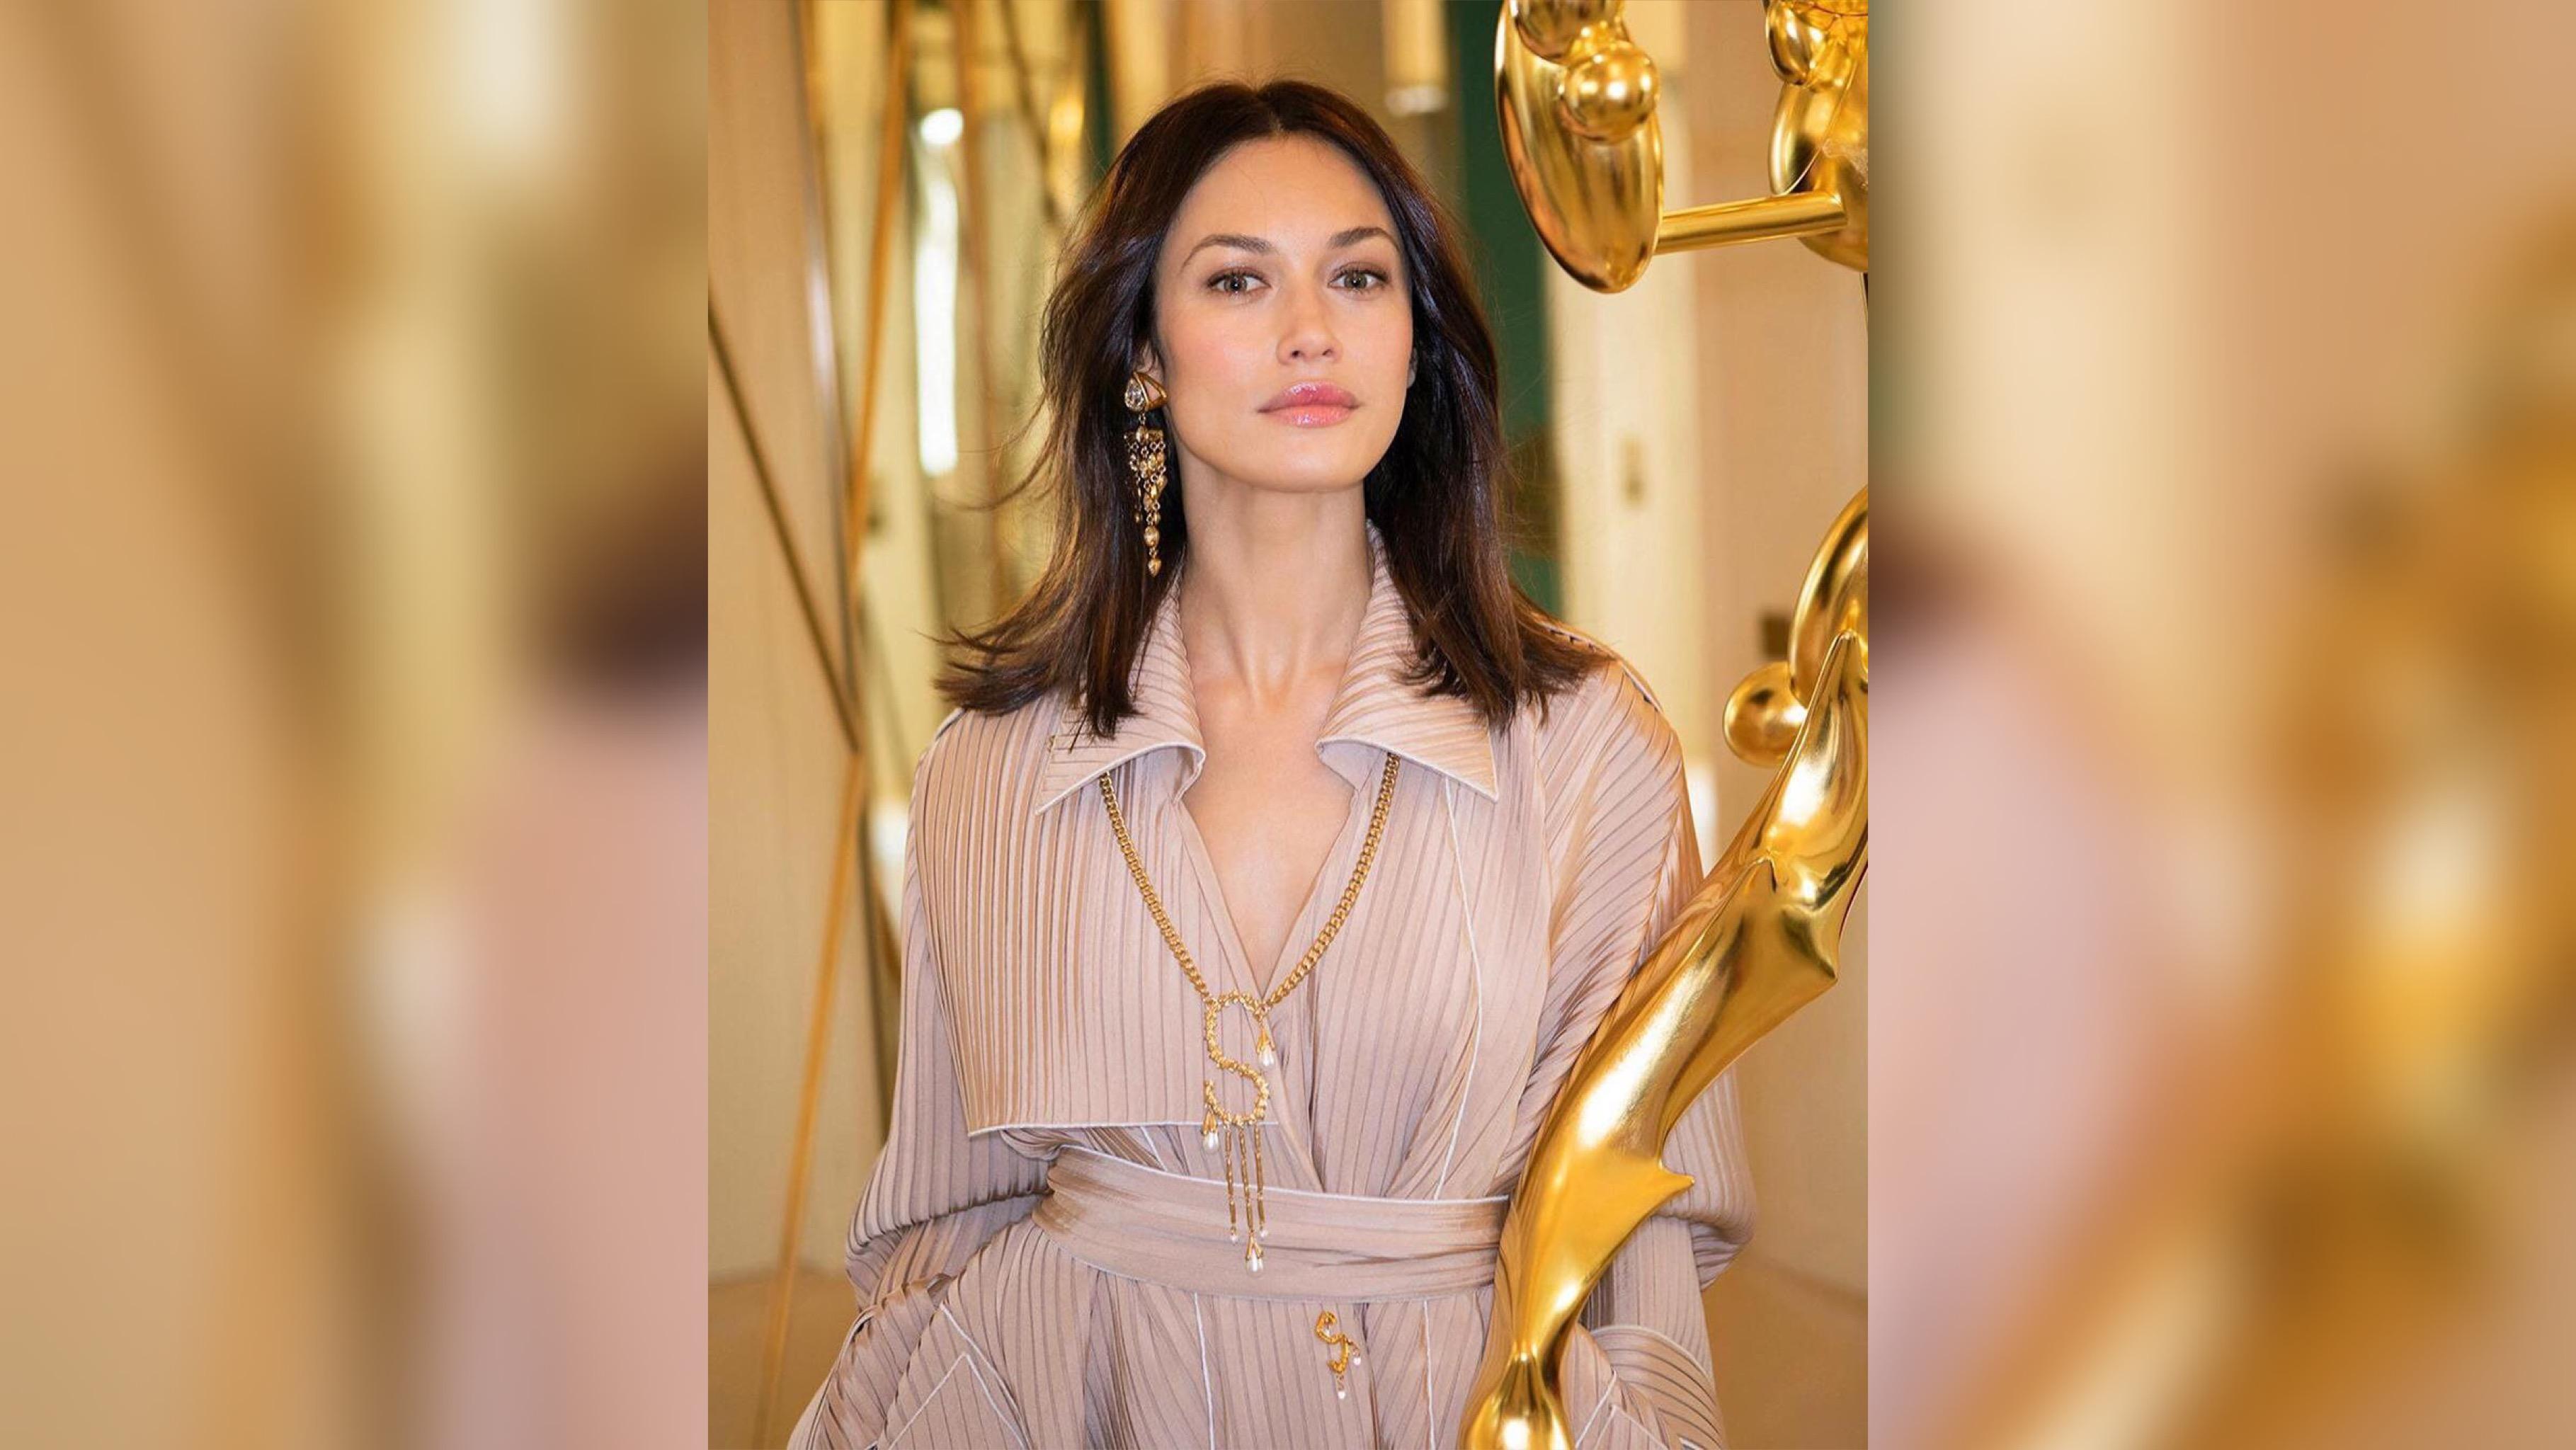 Ольга Куриленко оказалась вцентре скандала, заявив, что она неукраинка